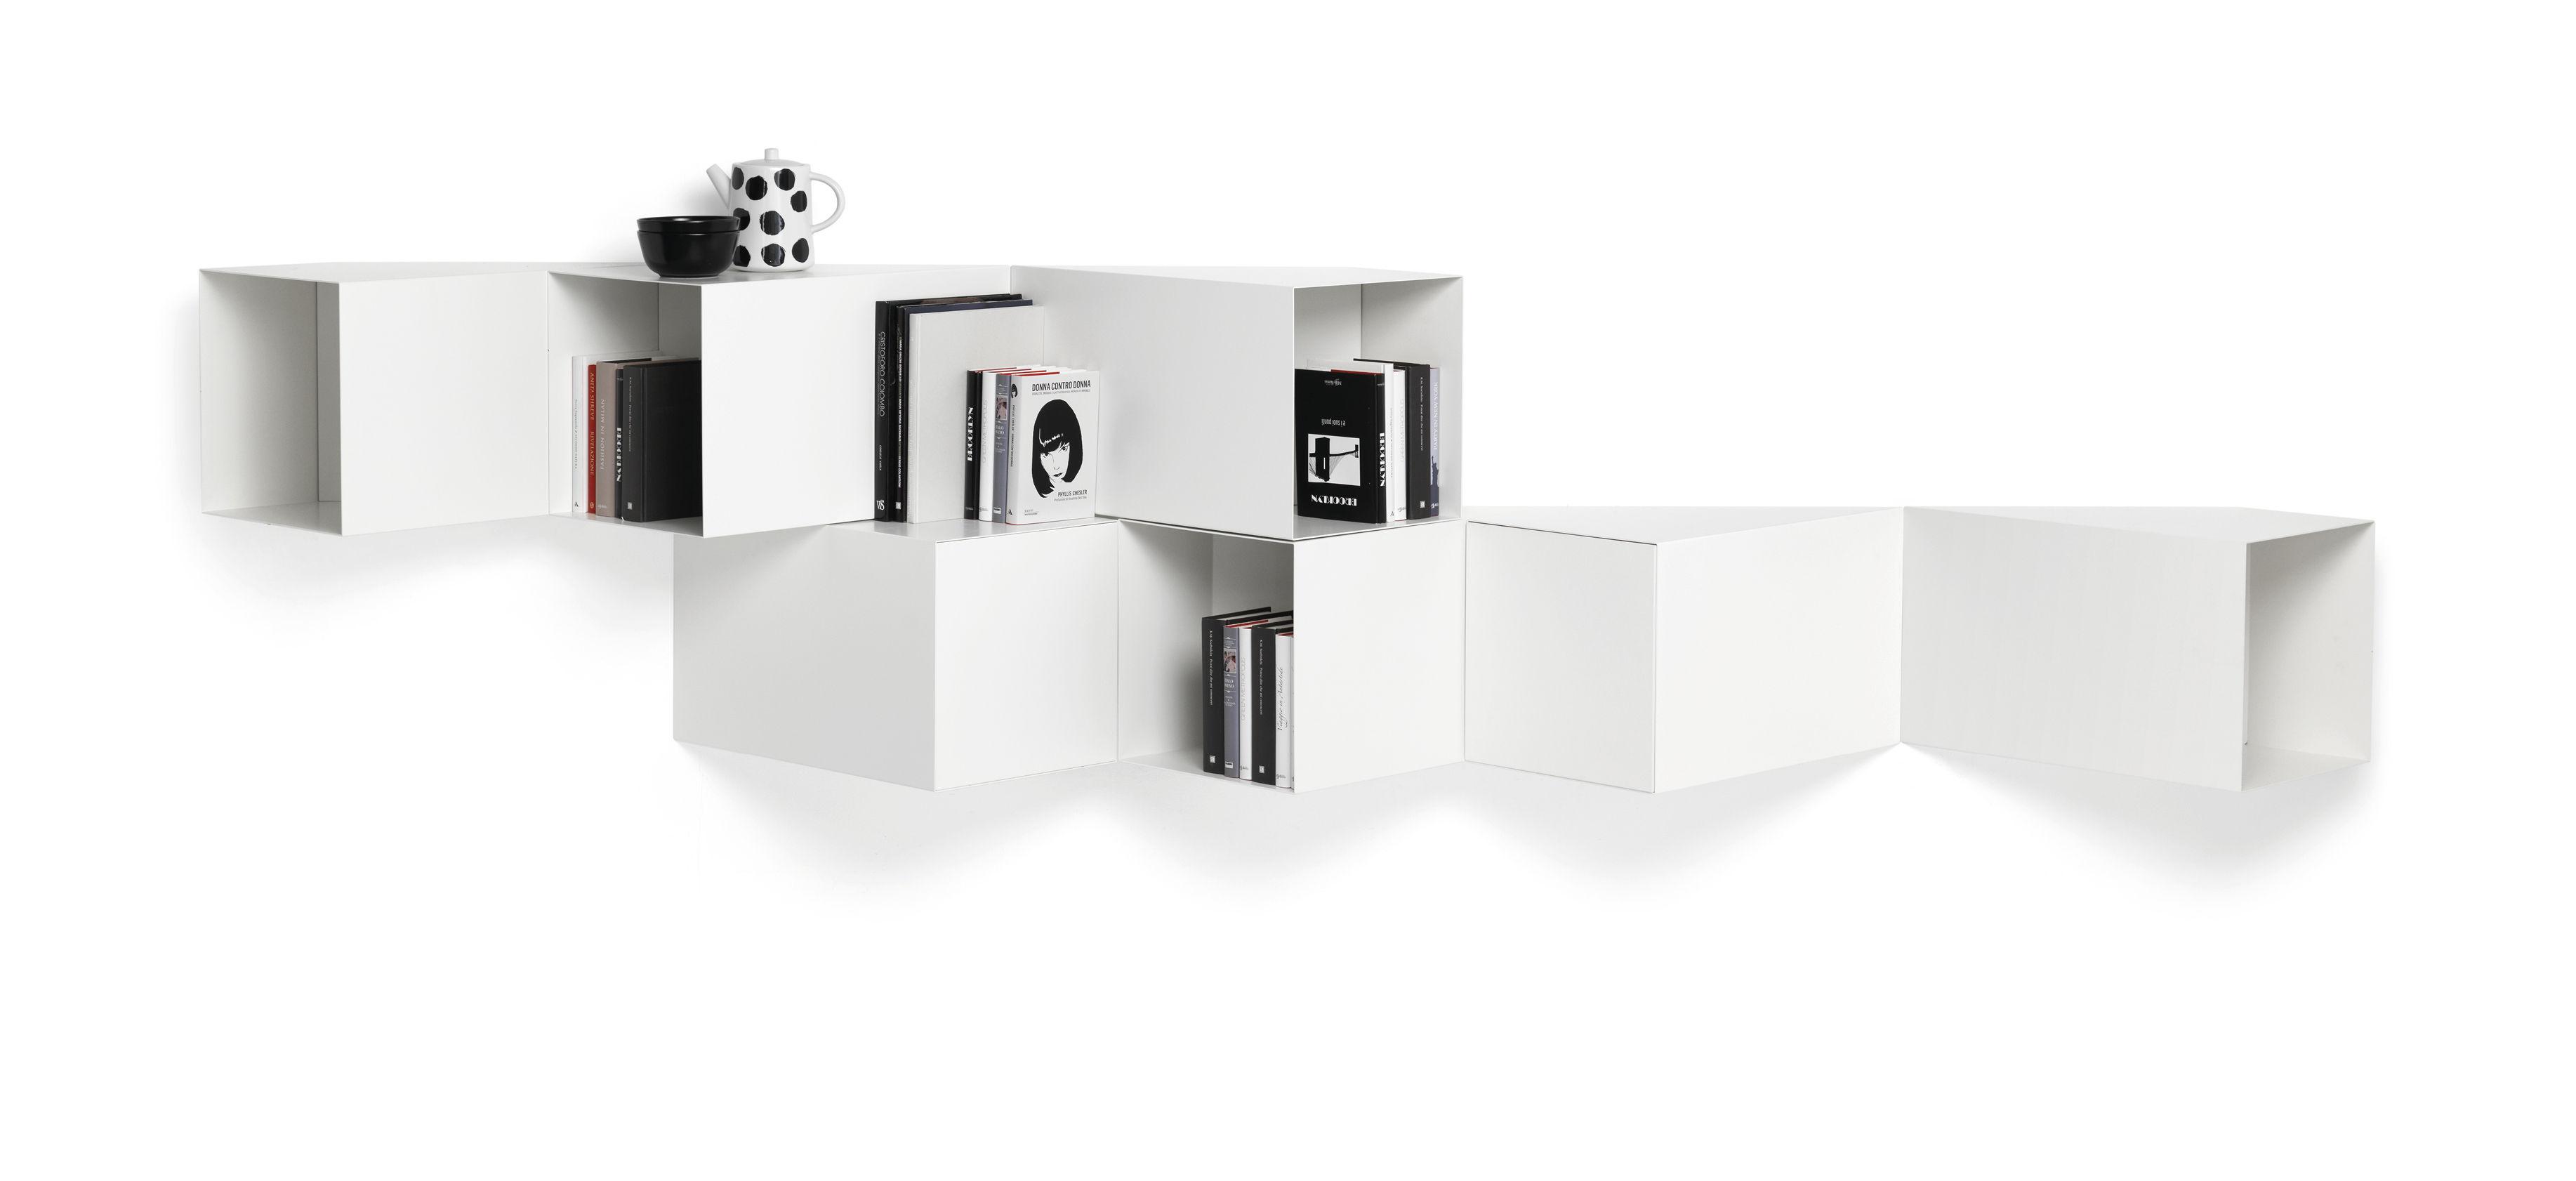 Mobilier - Etagères & bibliothèques - Etagère Cellula / Métal - 7 modules avec 2 portes - Mogg - Blanc - MDF peint, Métal peint